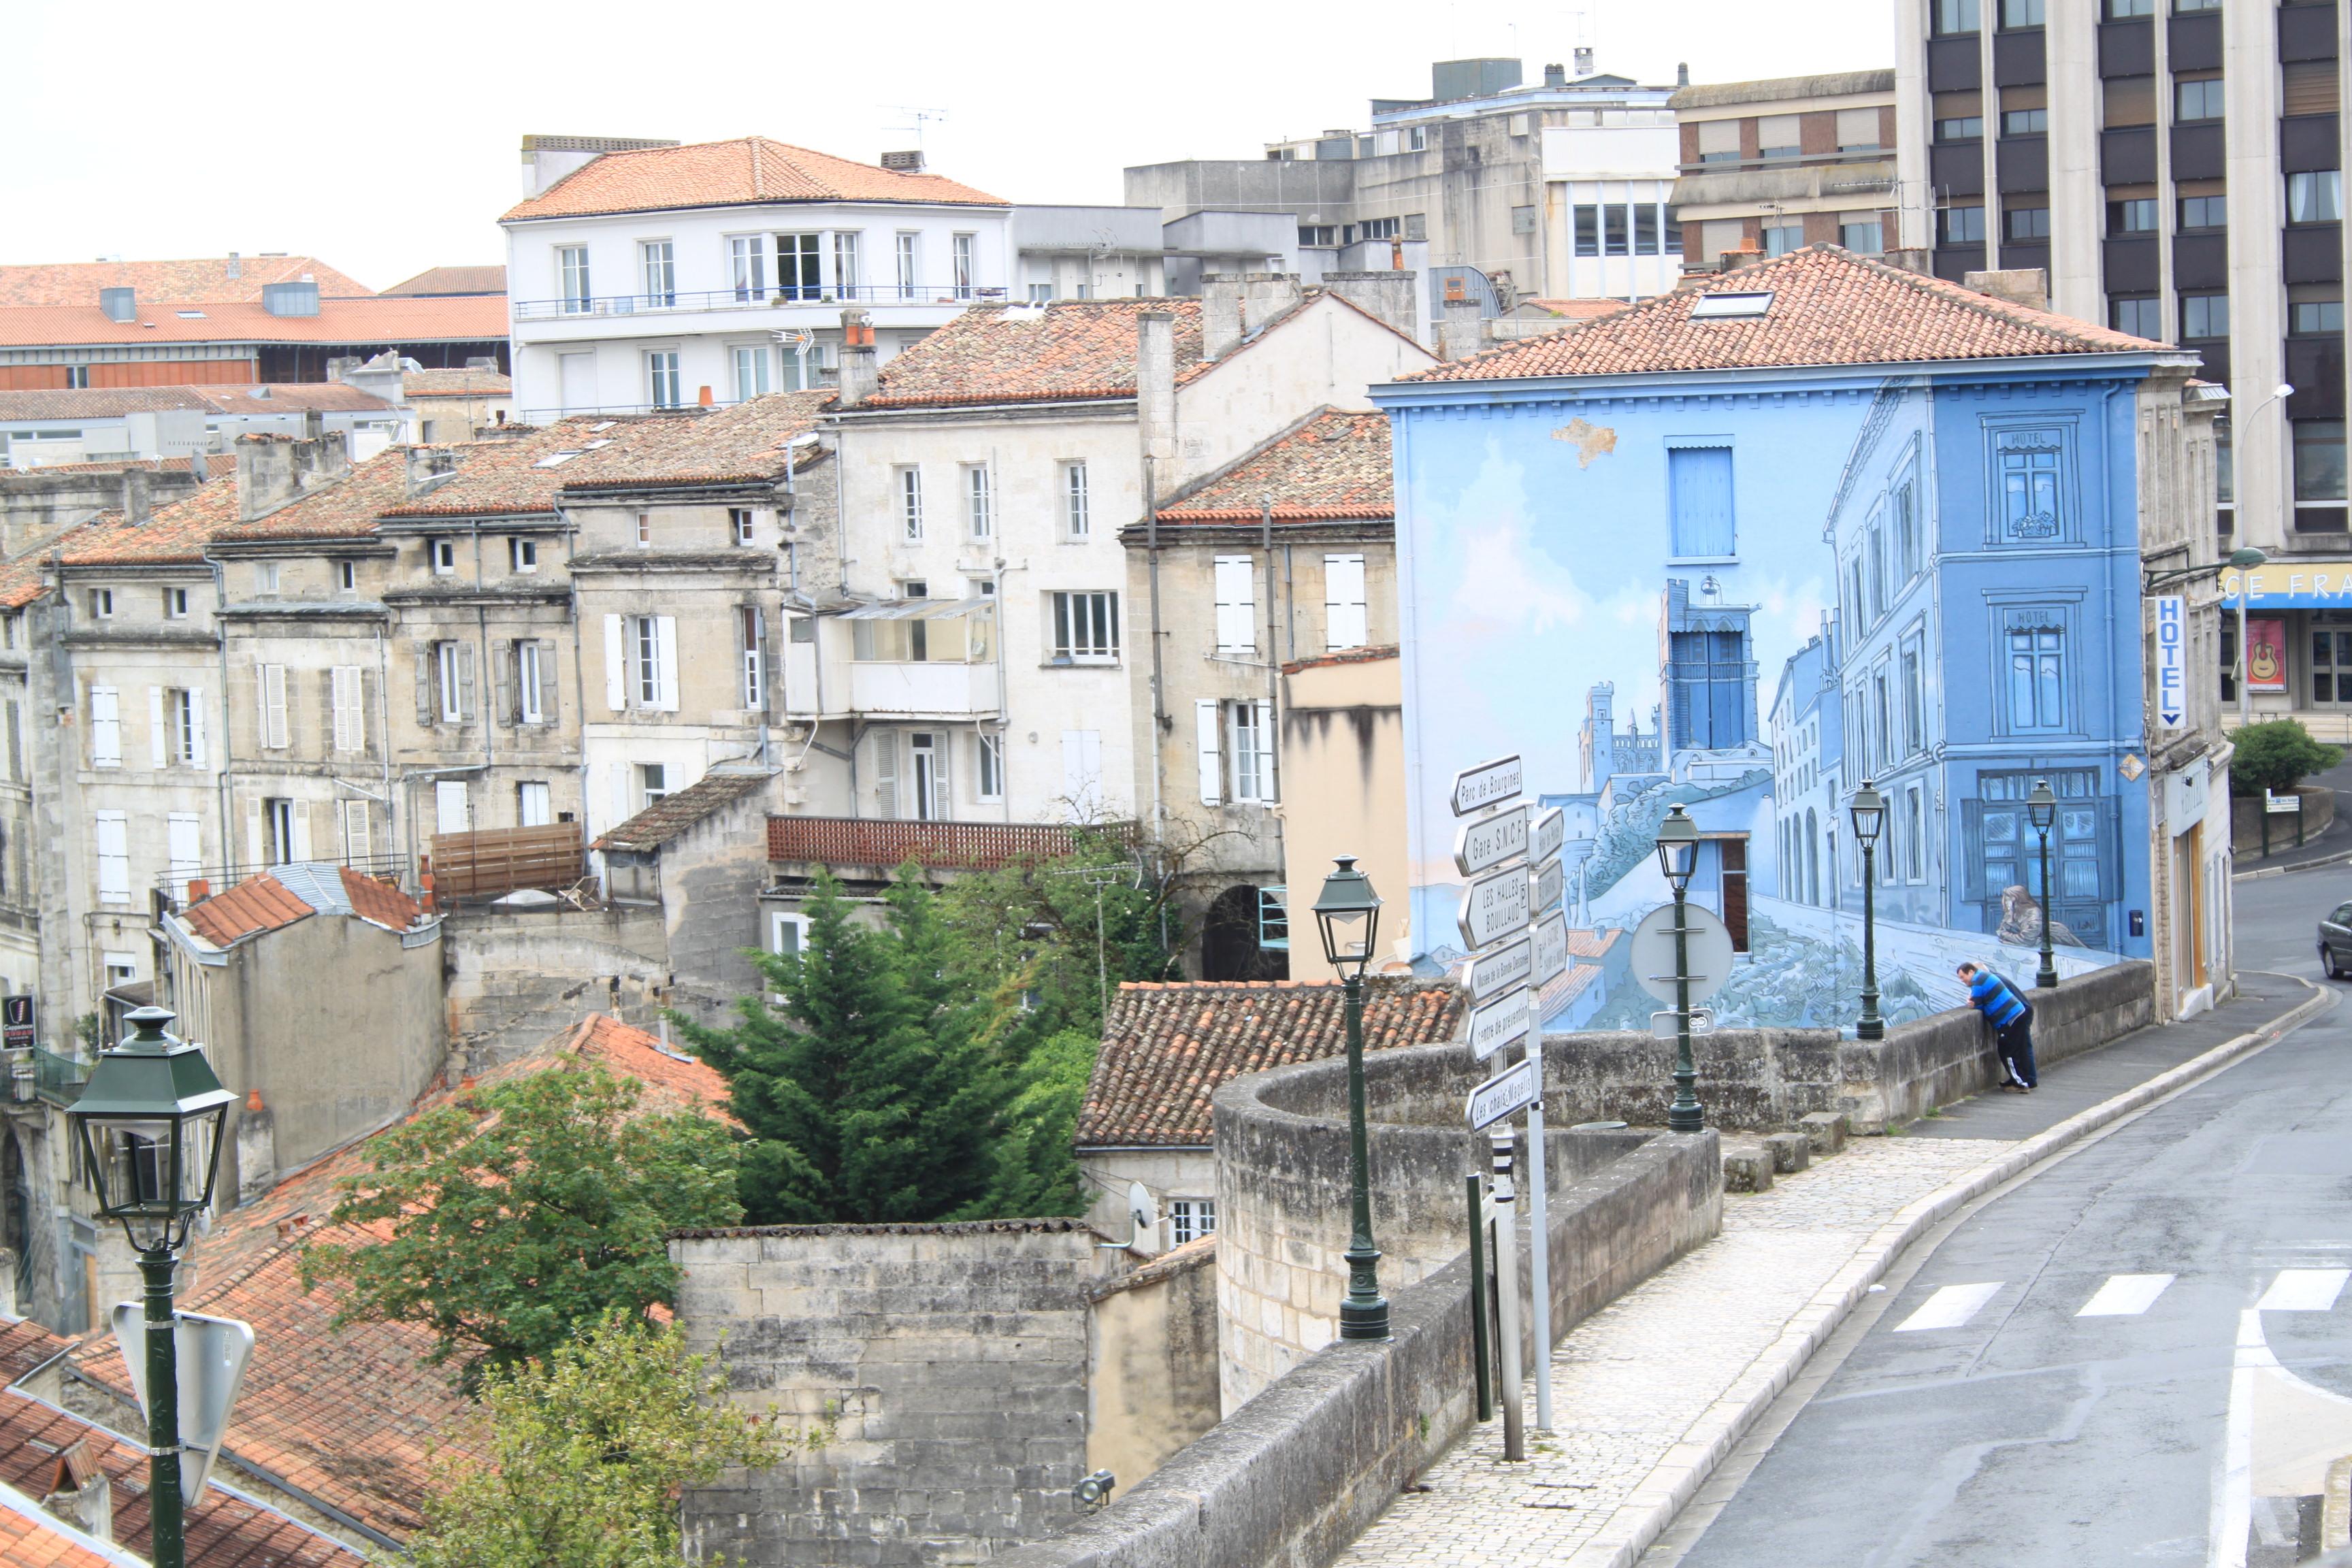 angouleme mur peint centre ville charente en croisiere inter croisieres sireuil nicols.jpg